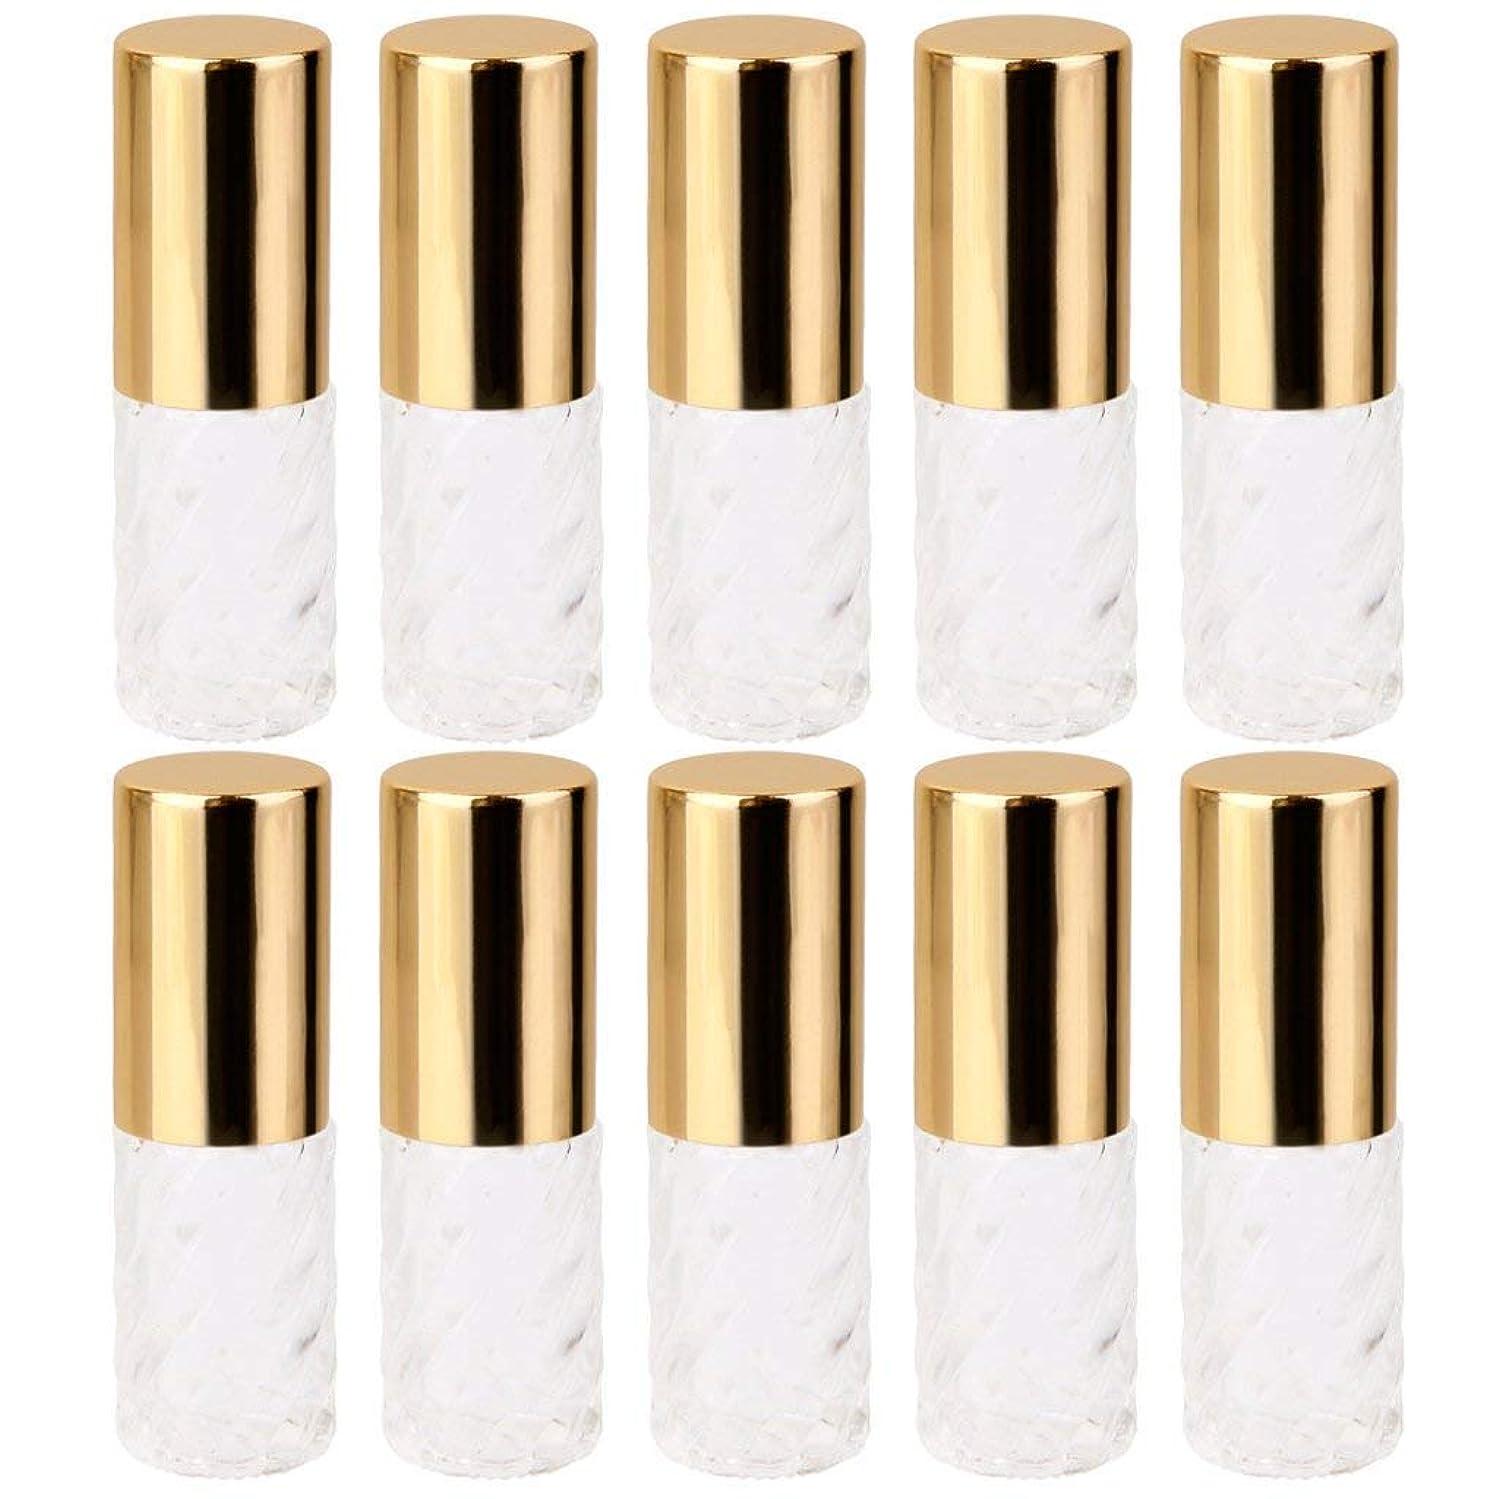 ベール気分アプローチ10個 5ml 透明 交換 旅行 空 ロールオン ガラス 香水瓶 容器 コスメ 詰替え 便利